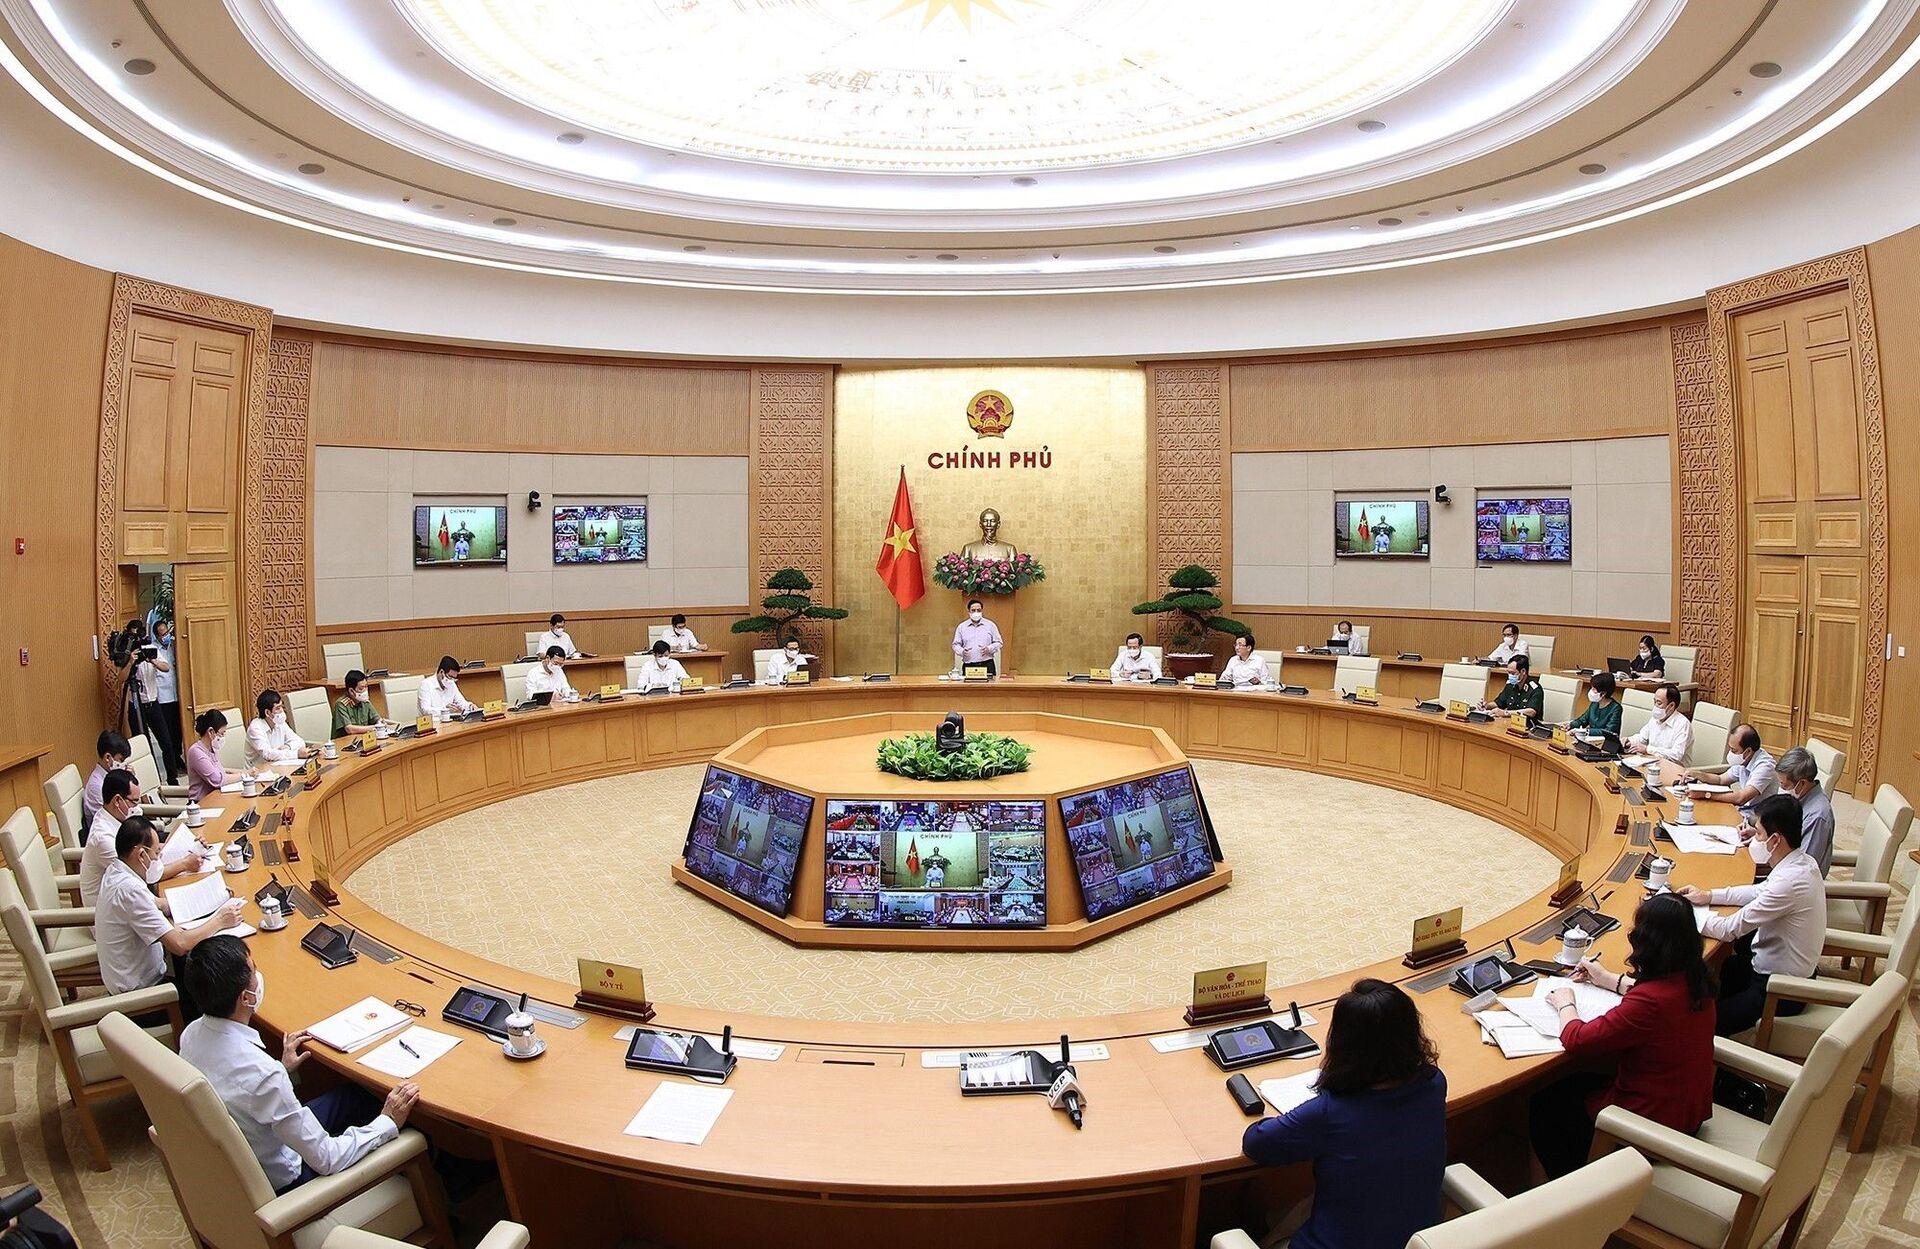 Thủ tướng Phạm Minh Chính chủ trì họp trực tuyến toàn quốc về phòng, chống dịch Covid-19 - Sputnik Việt Nam, 1920, 29.05.2021